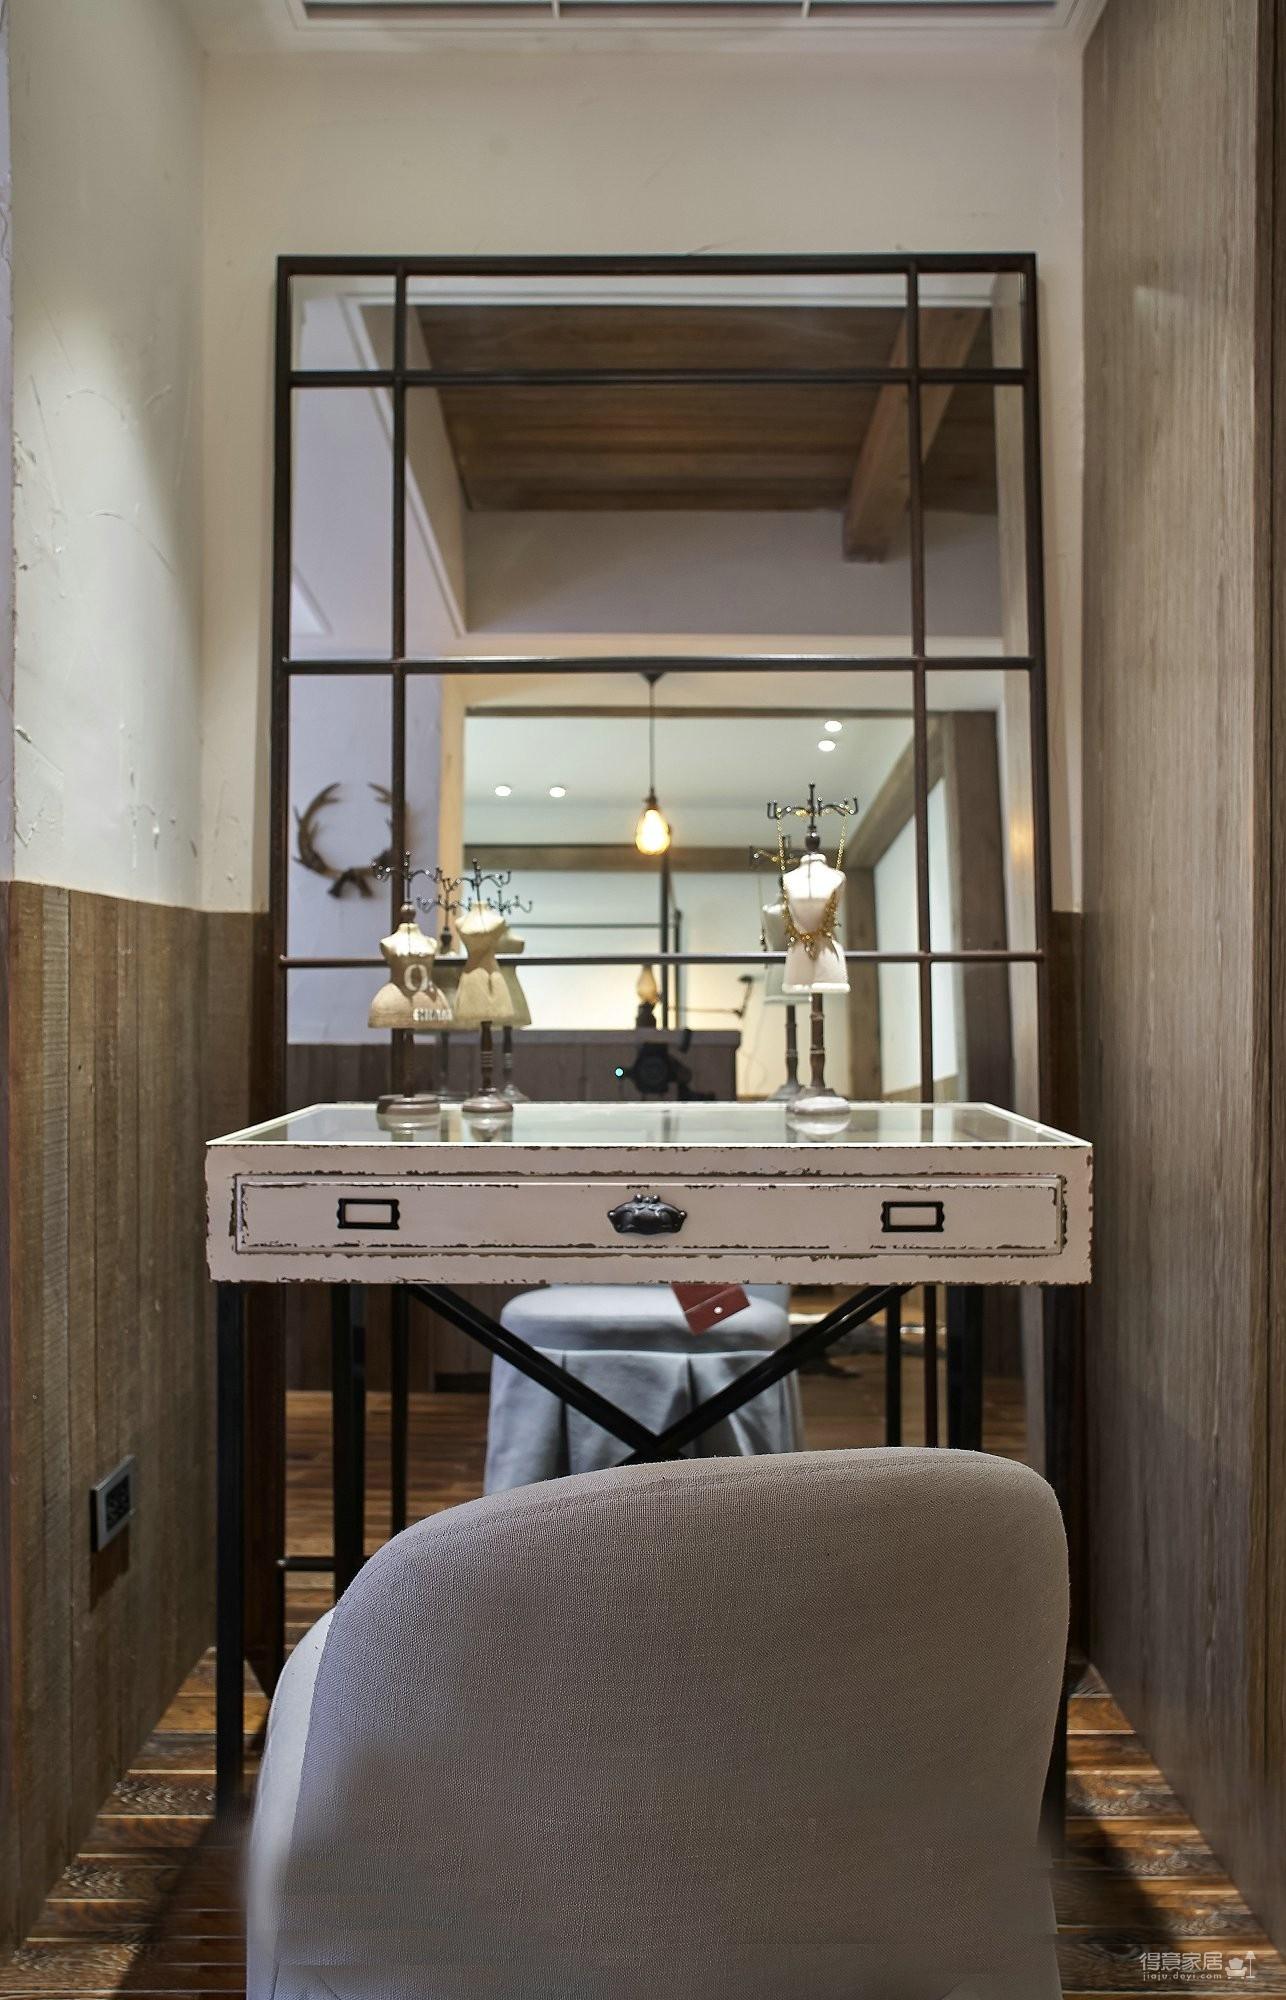 100㎡的古典居室小家,客厅造型别致又有型